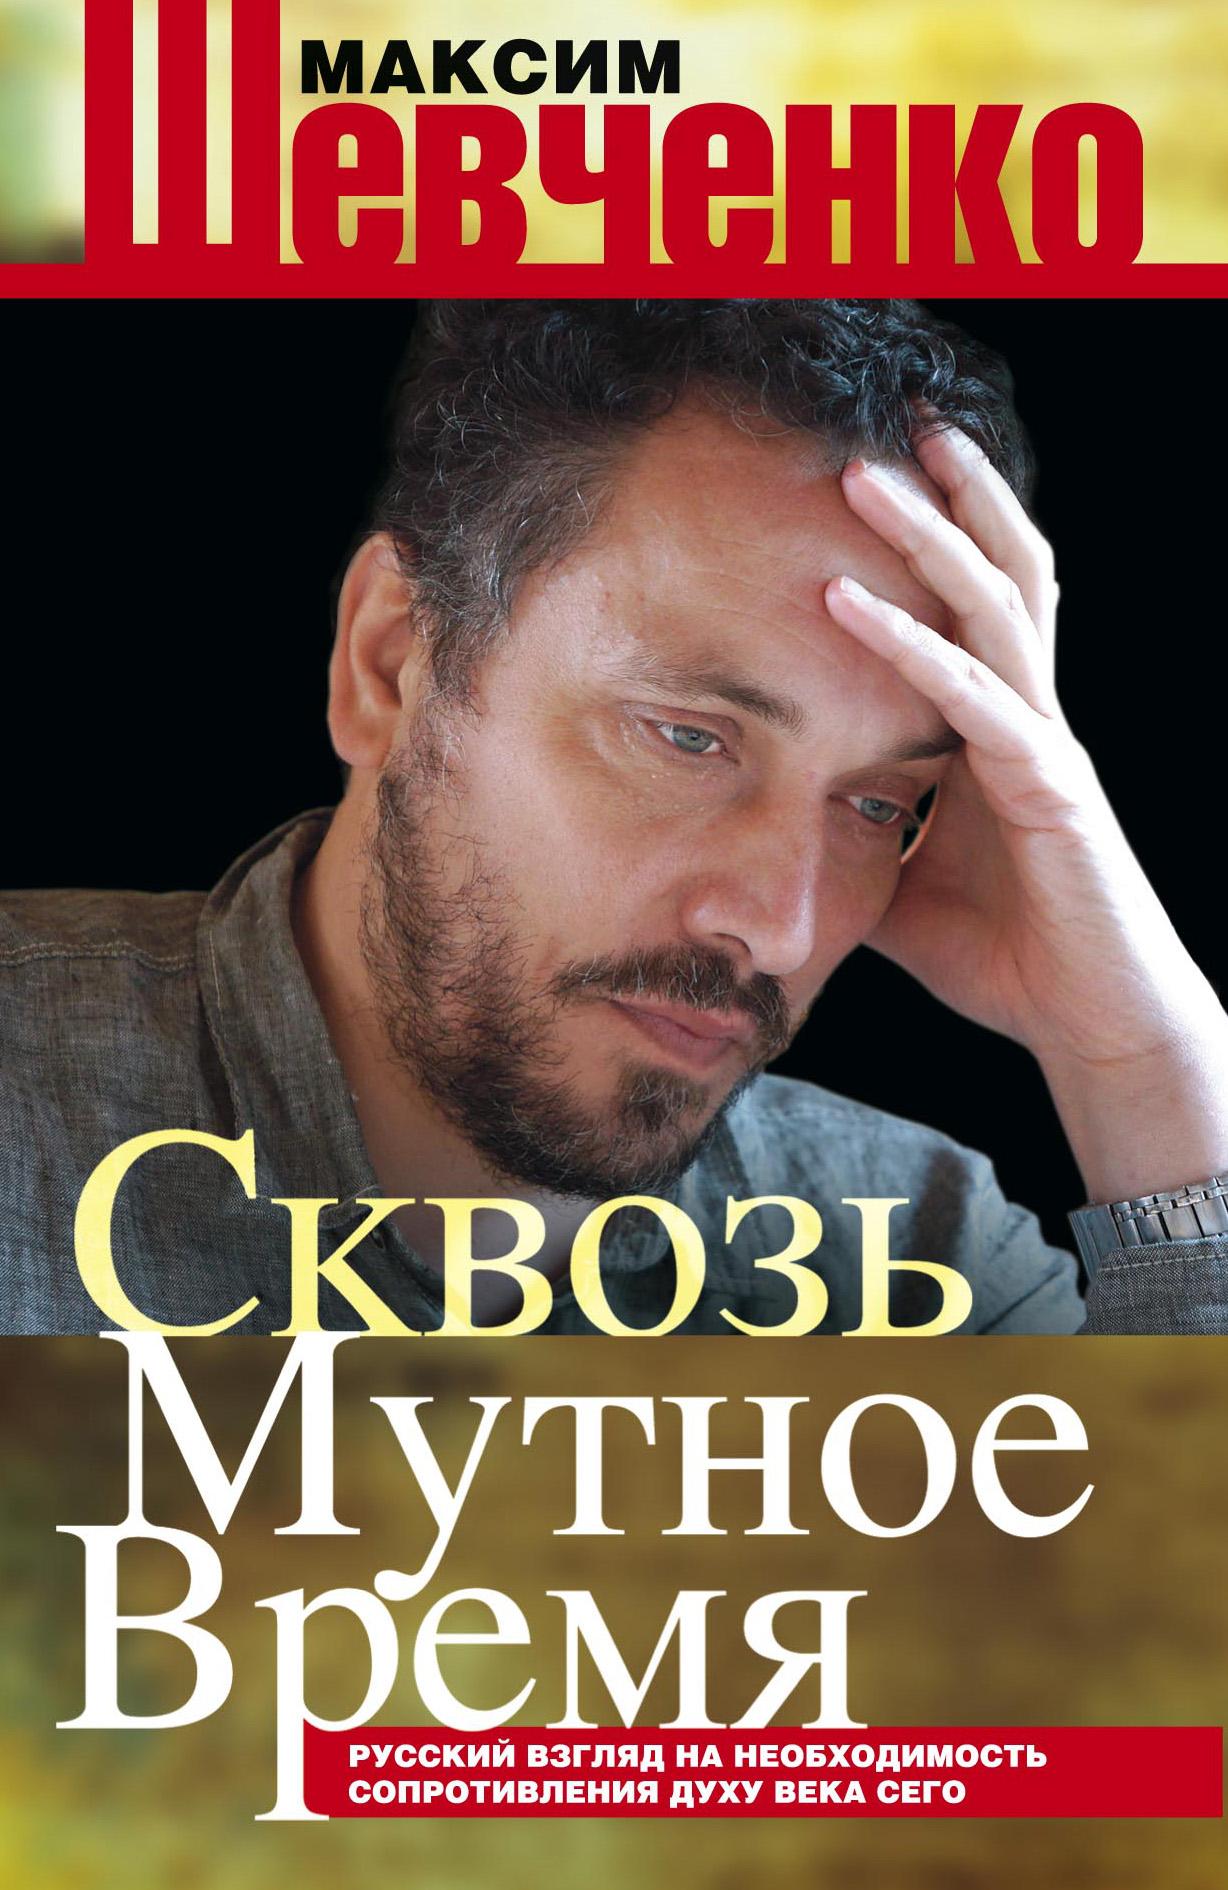 Сквозь мутное время. Русский взгляд на необходимость сопротивления духу века сего (сборник)